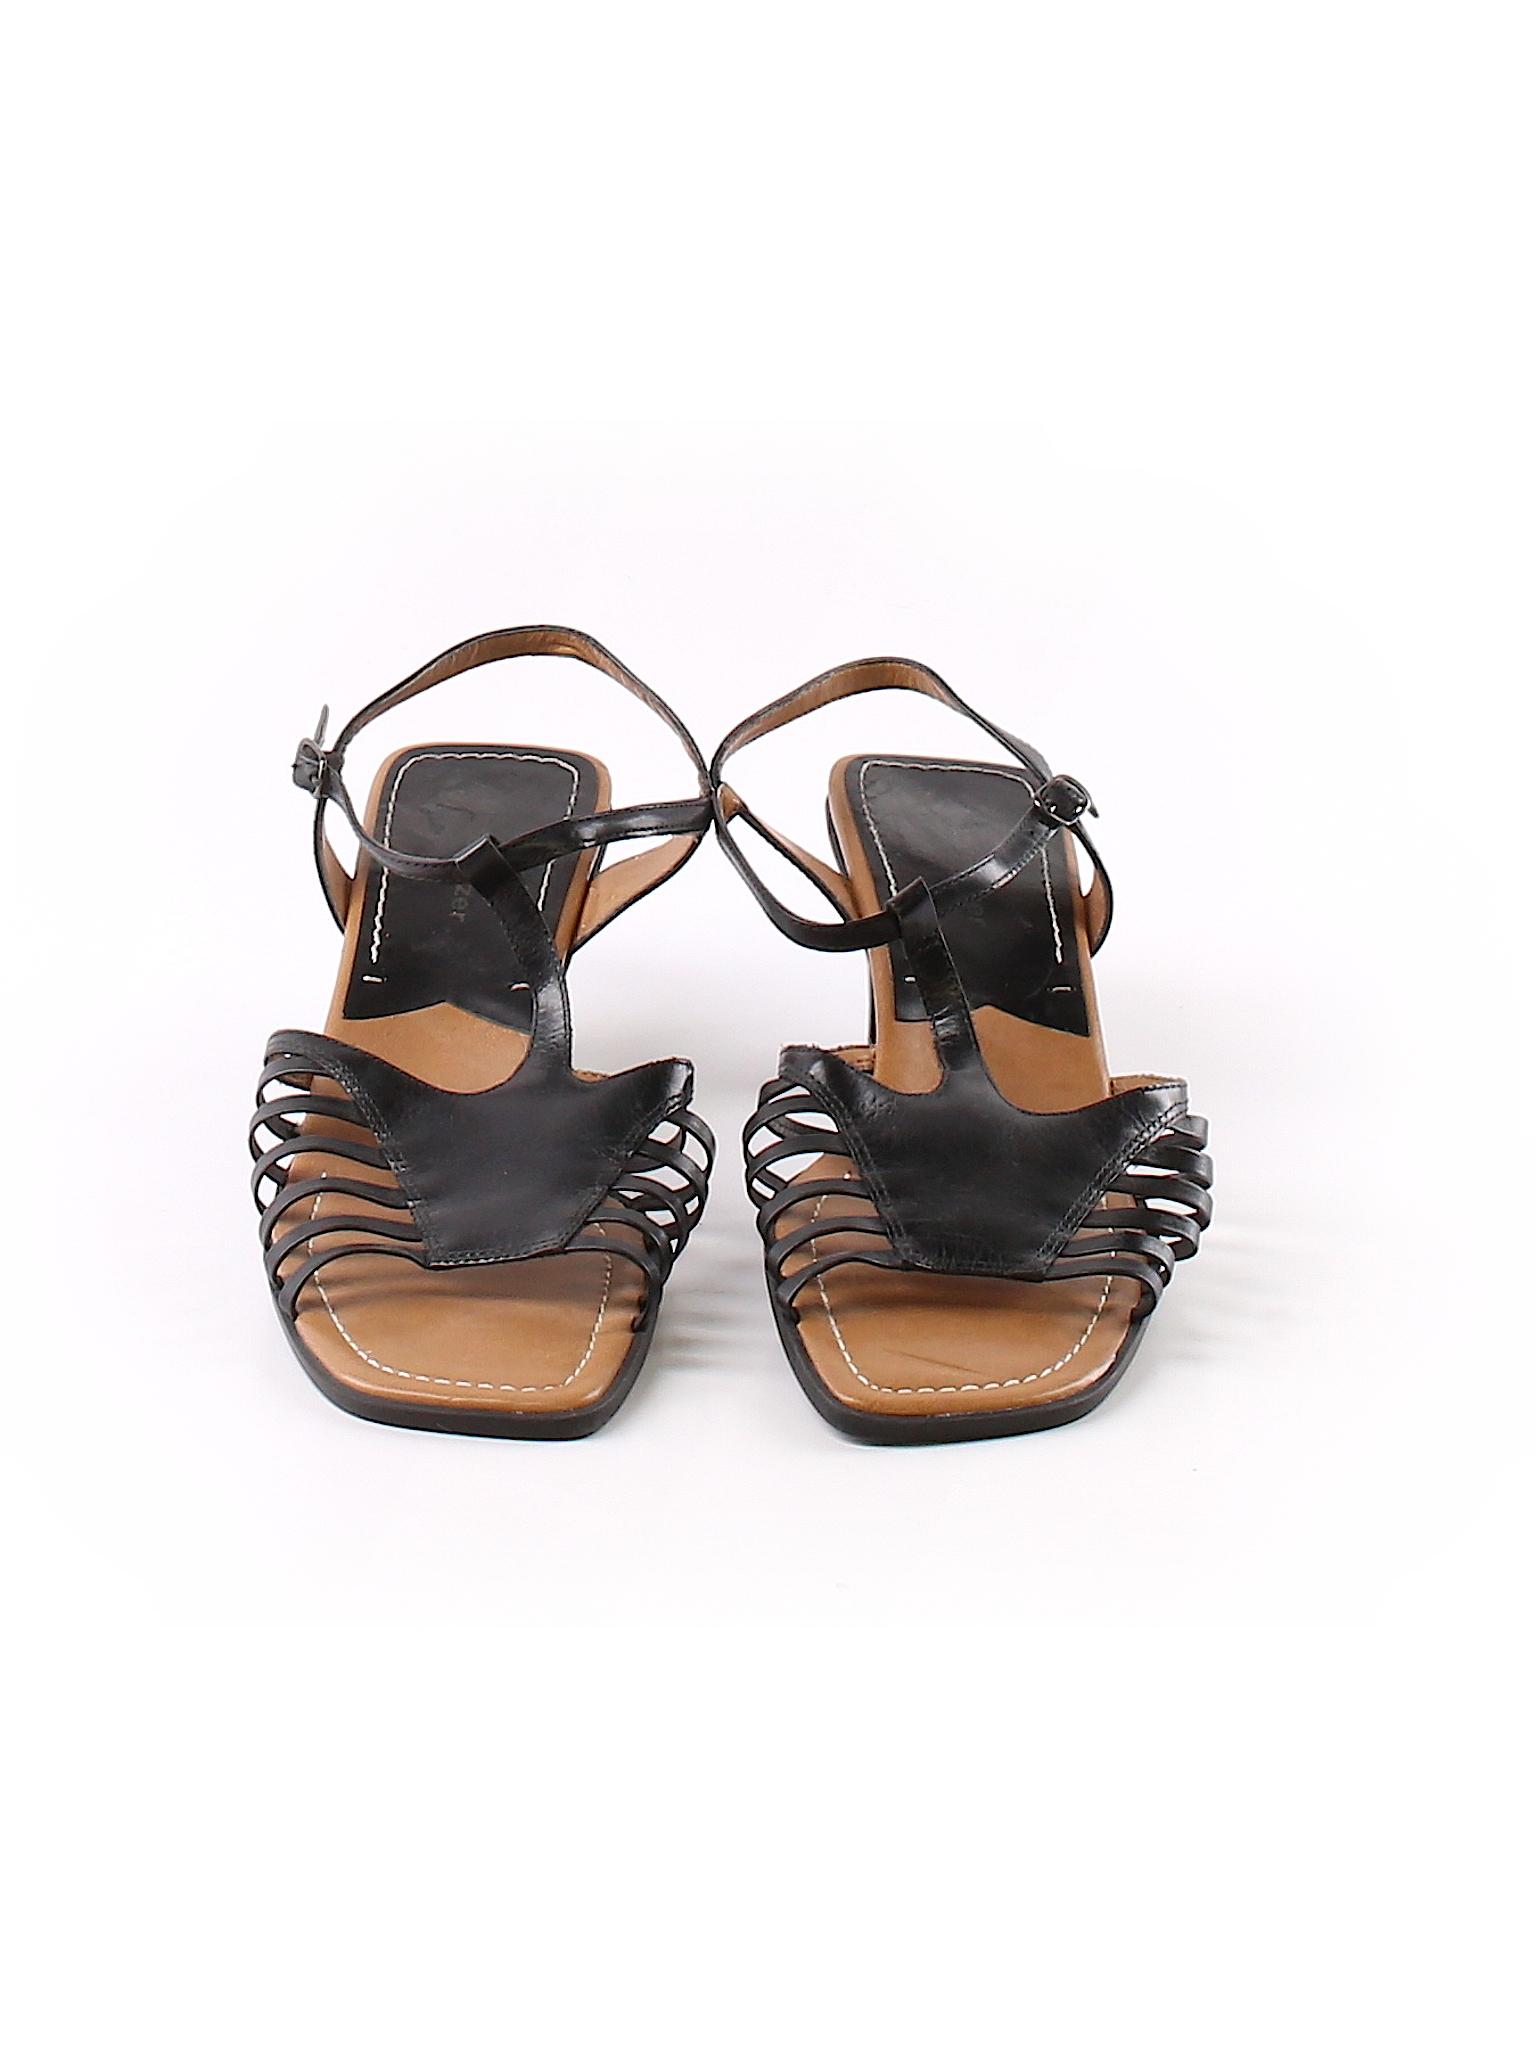 Boutique promotion Boutique Naturalizer Boutique Boutique Heels Naturalizer Heels Heels Naturalizer promotion promotion Heels Boutique promotion Naturalizer promotion pTwAS7xx